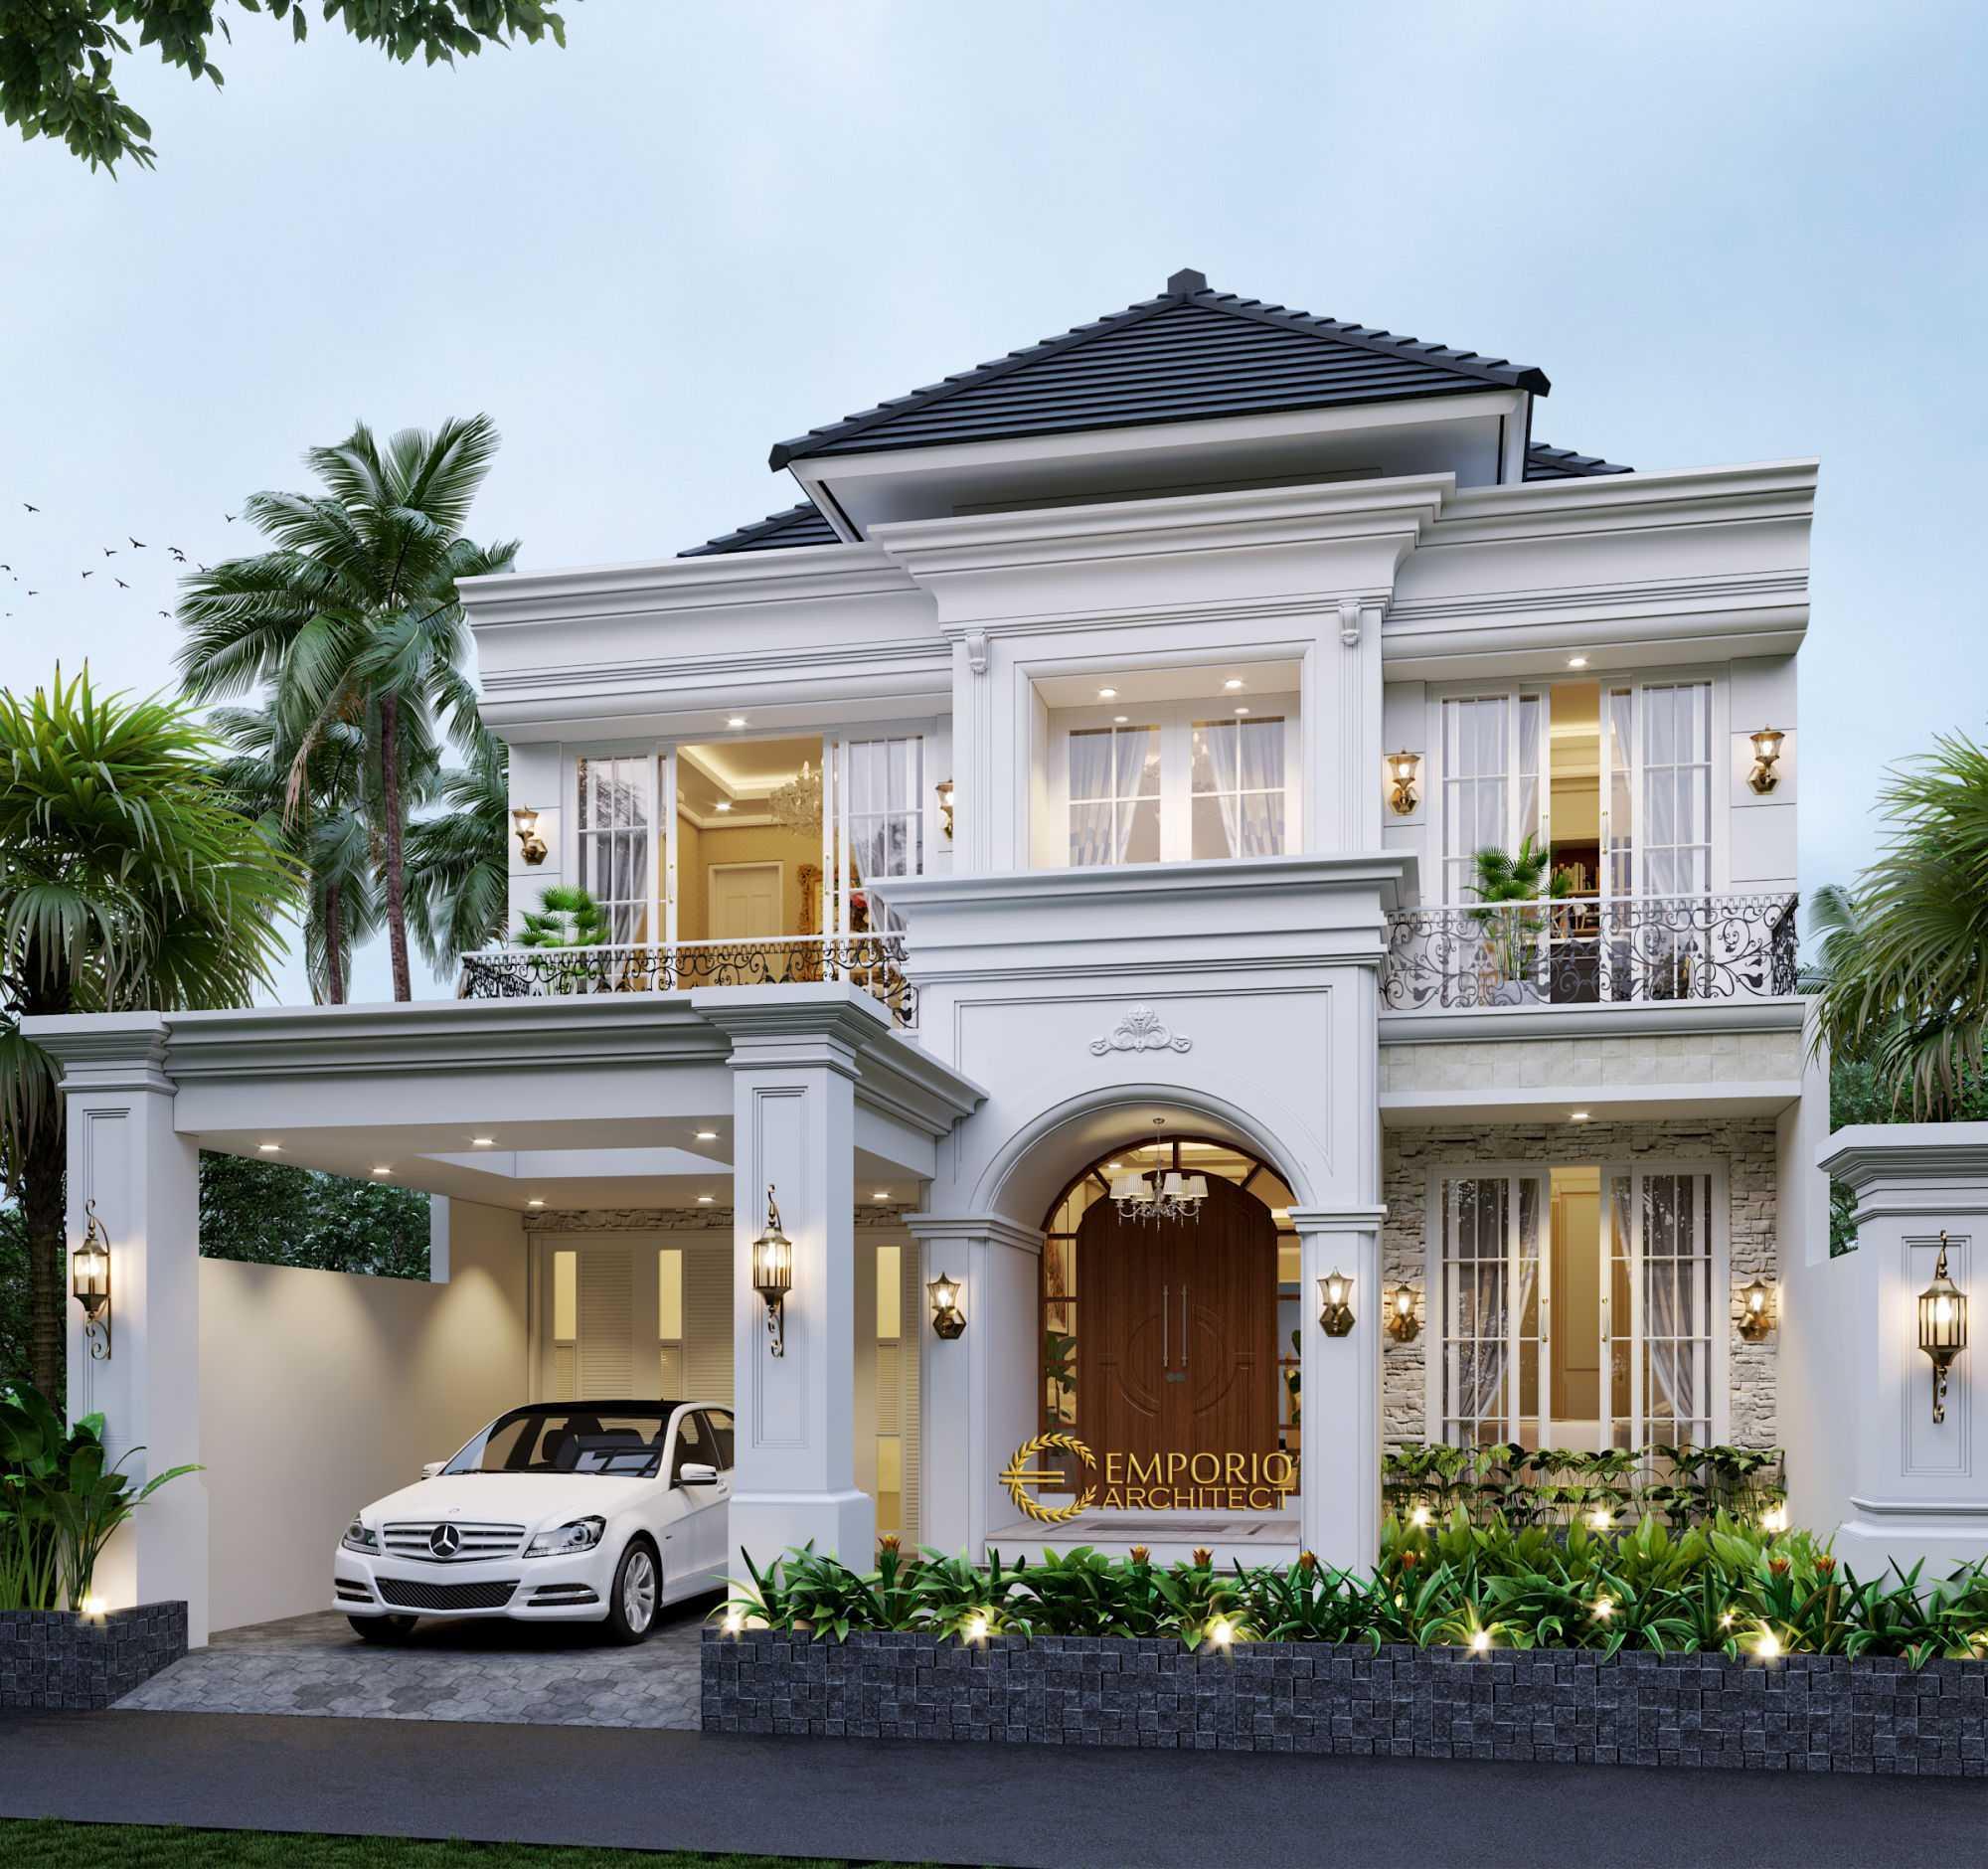 Emporio Architect Jasa Arsitek Aceh Desain Rumah Mediteran Tropis 660 @ Aceh Aceh, Indonesia Aceh, Indonesia Emporio-Architect-Jasa-Arsitek-Aceh-Desain-Rumah-Mediteran-Tropis-660-Aceh Classic  80677